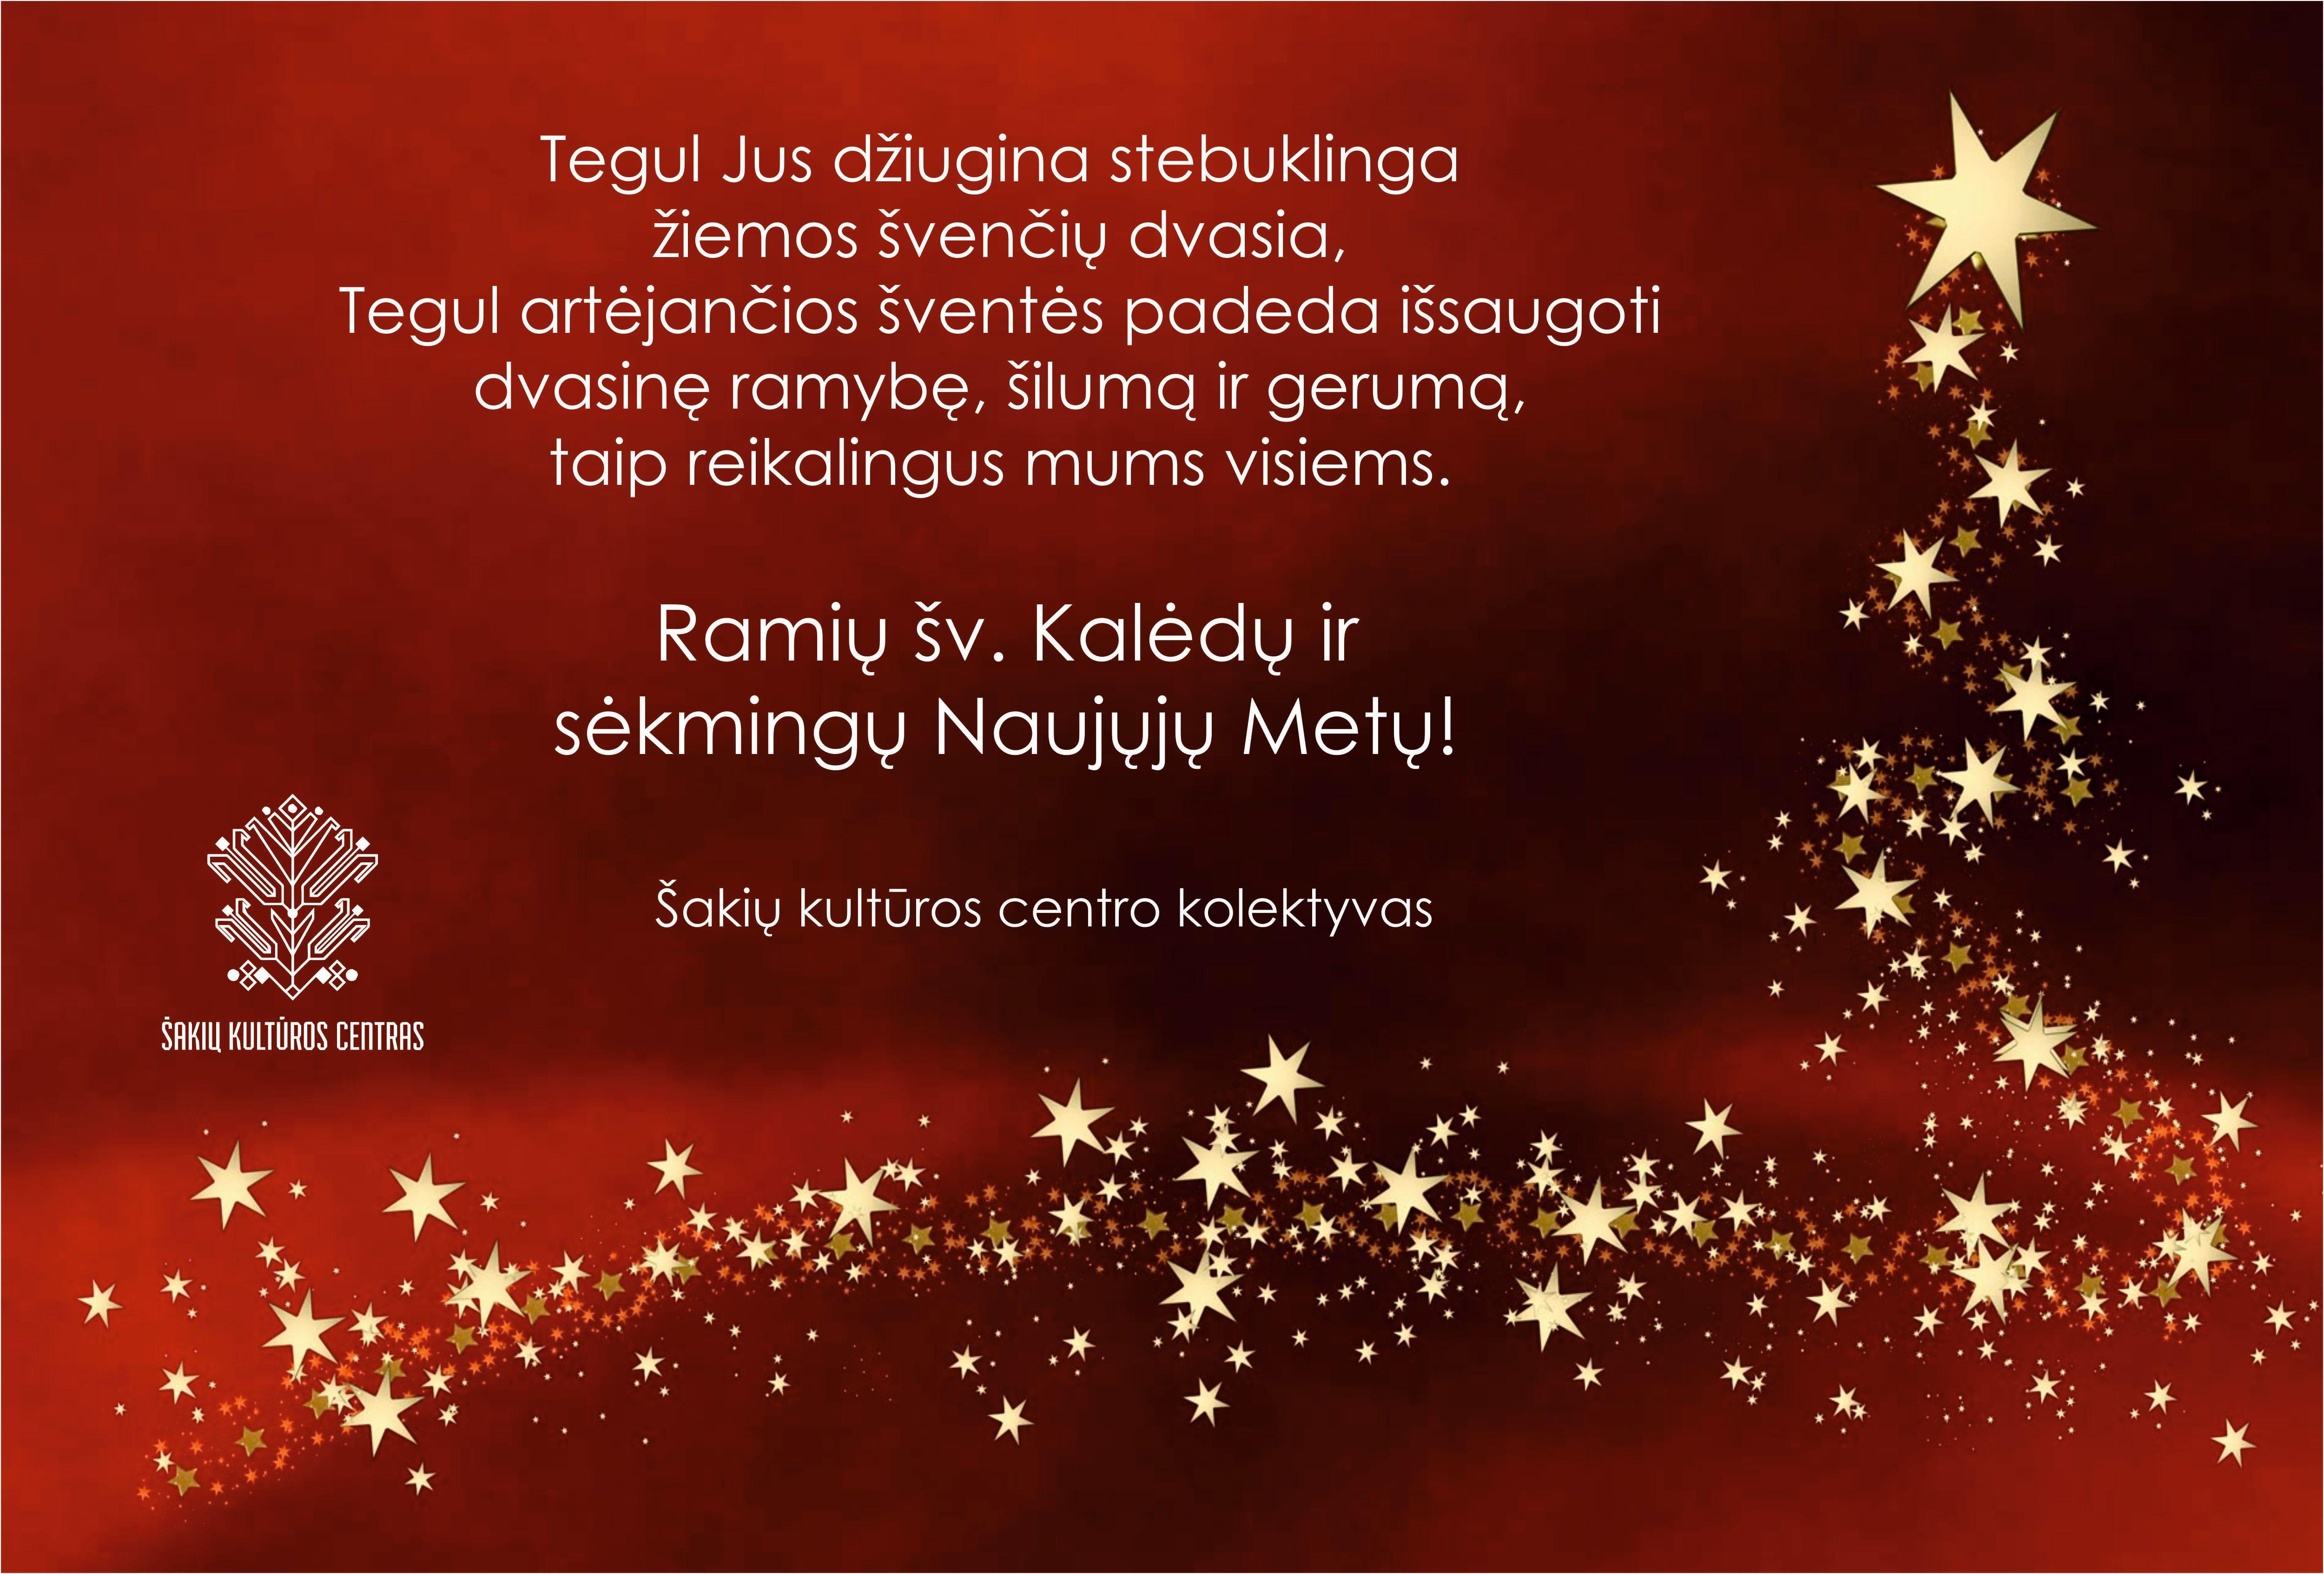 Ramių šv. Kalėdų ir sėkmingų Naujųjų Metų!